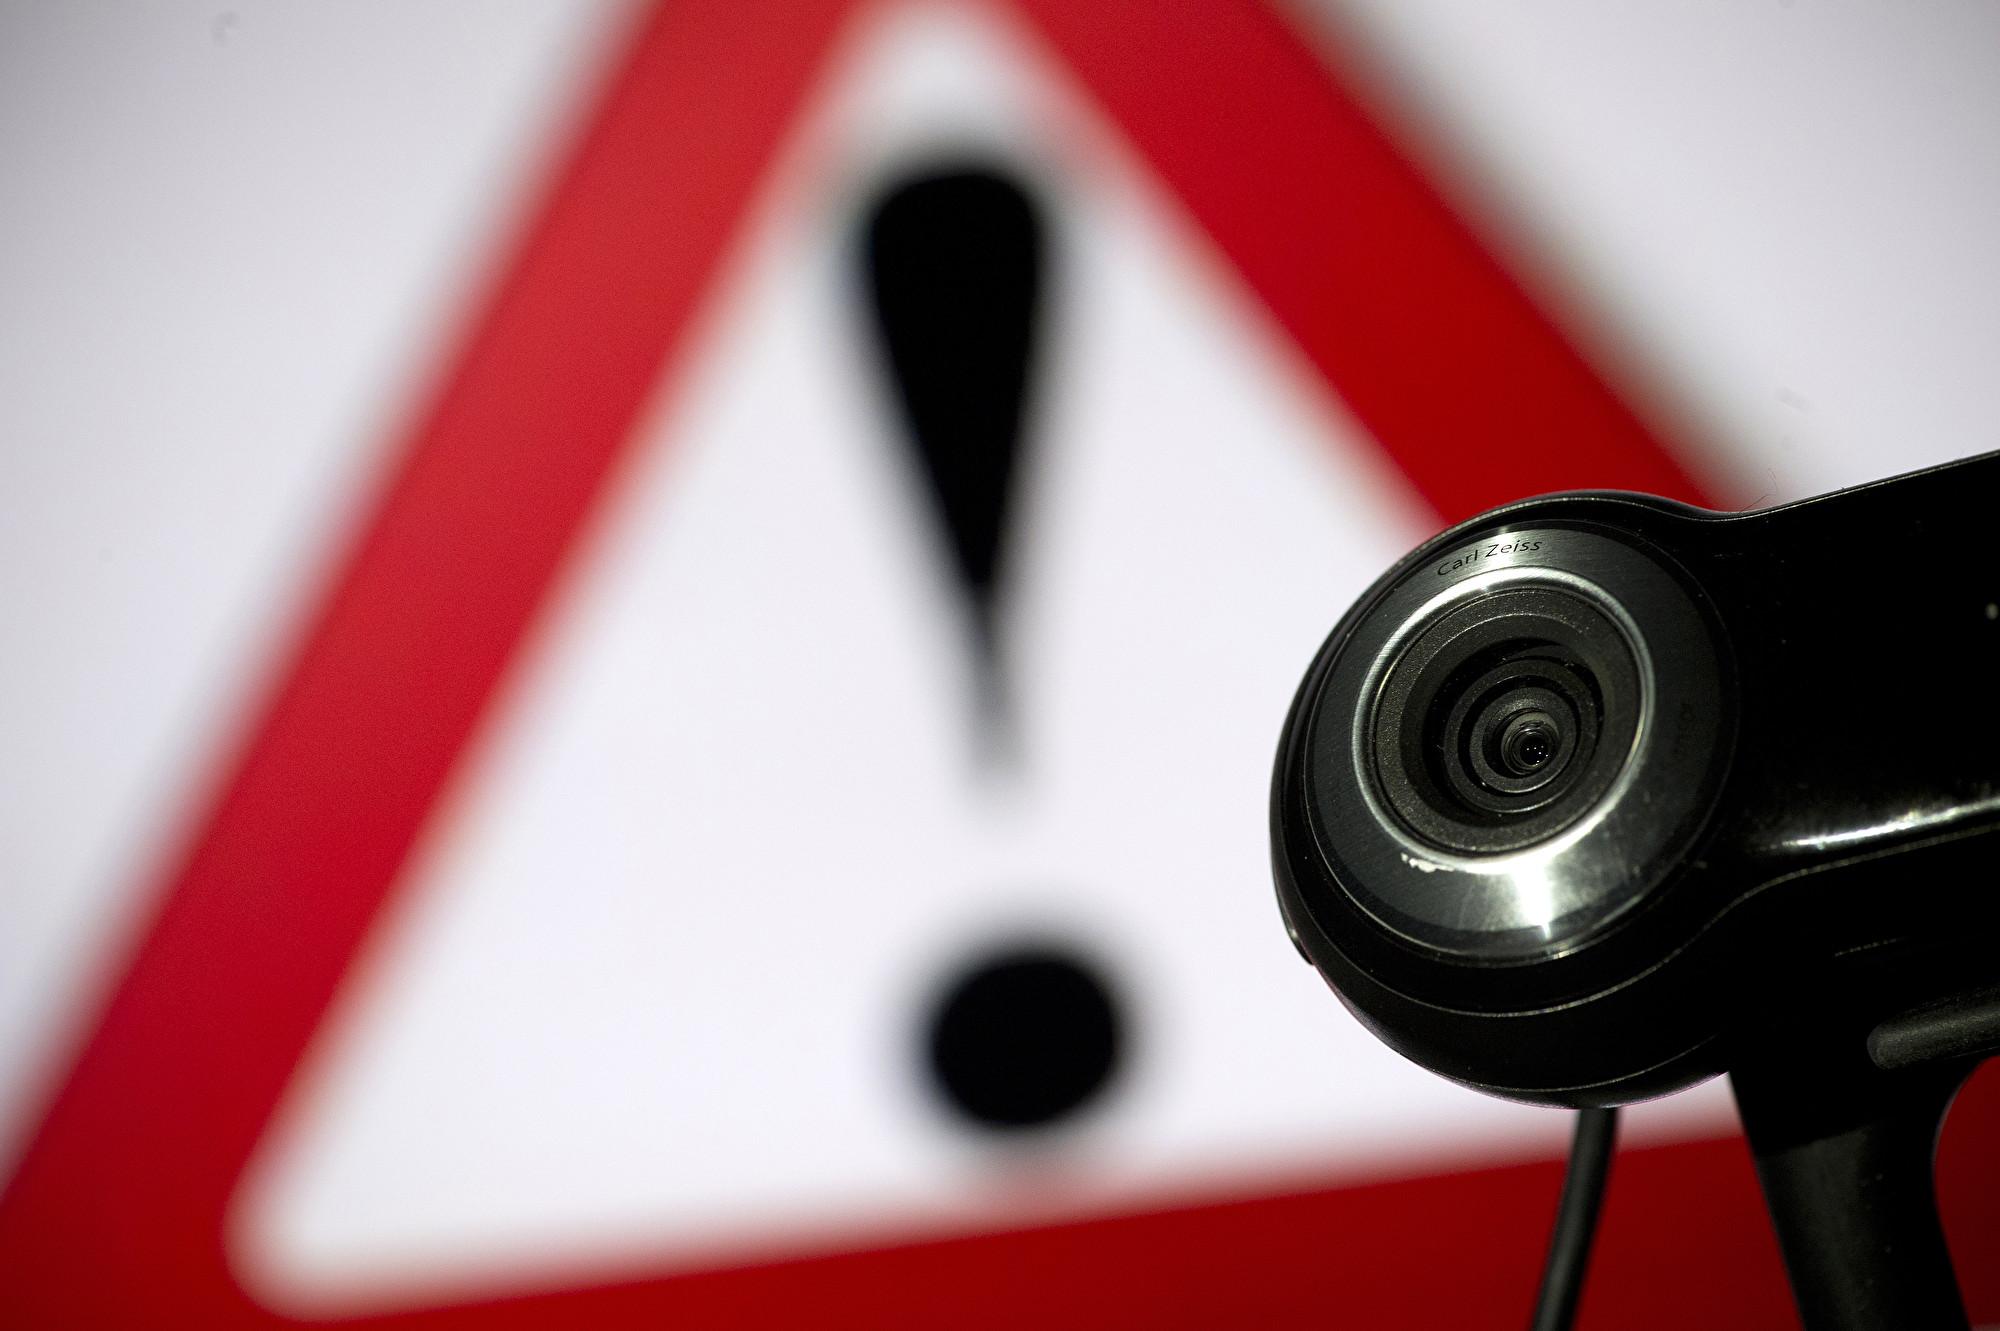 教你六招:如何找到飯店房間裏隱藏的錄像頭。(LIONEL BONAVENTURE / AFP)